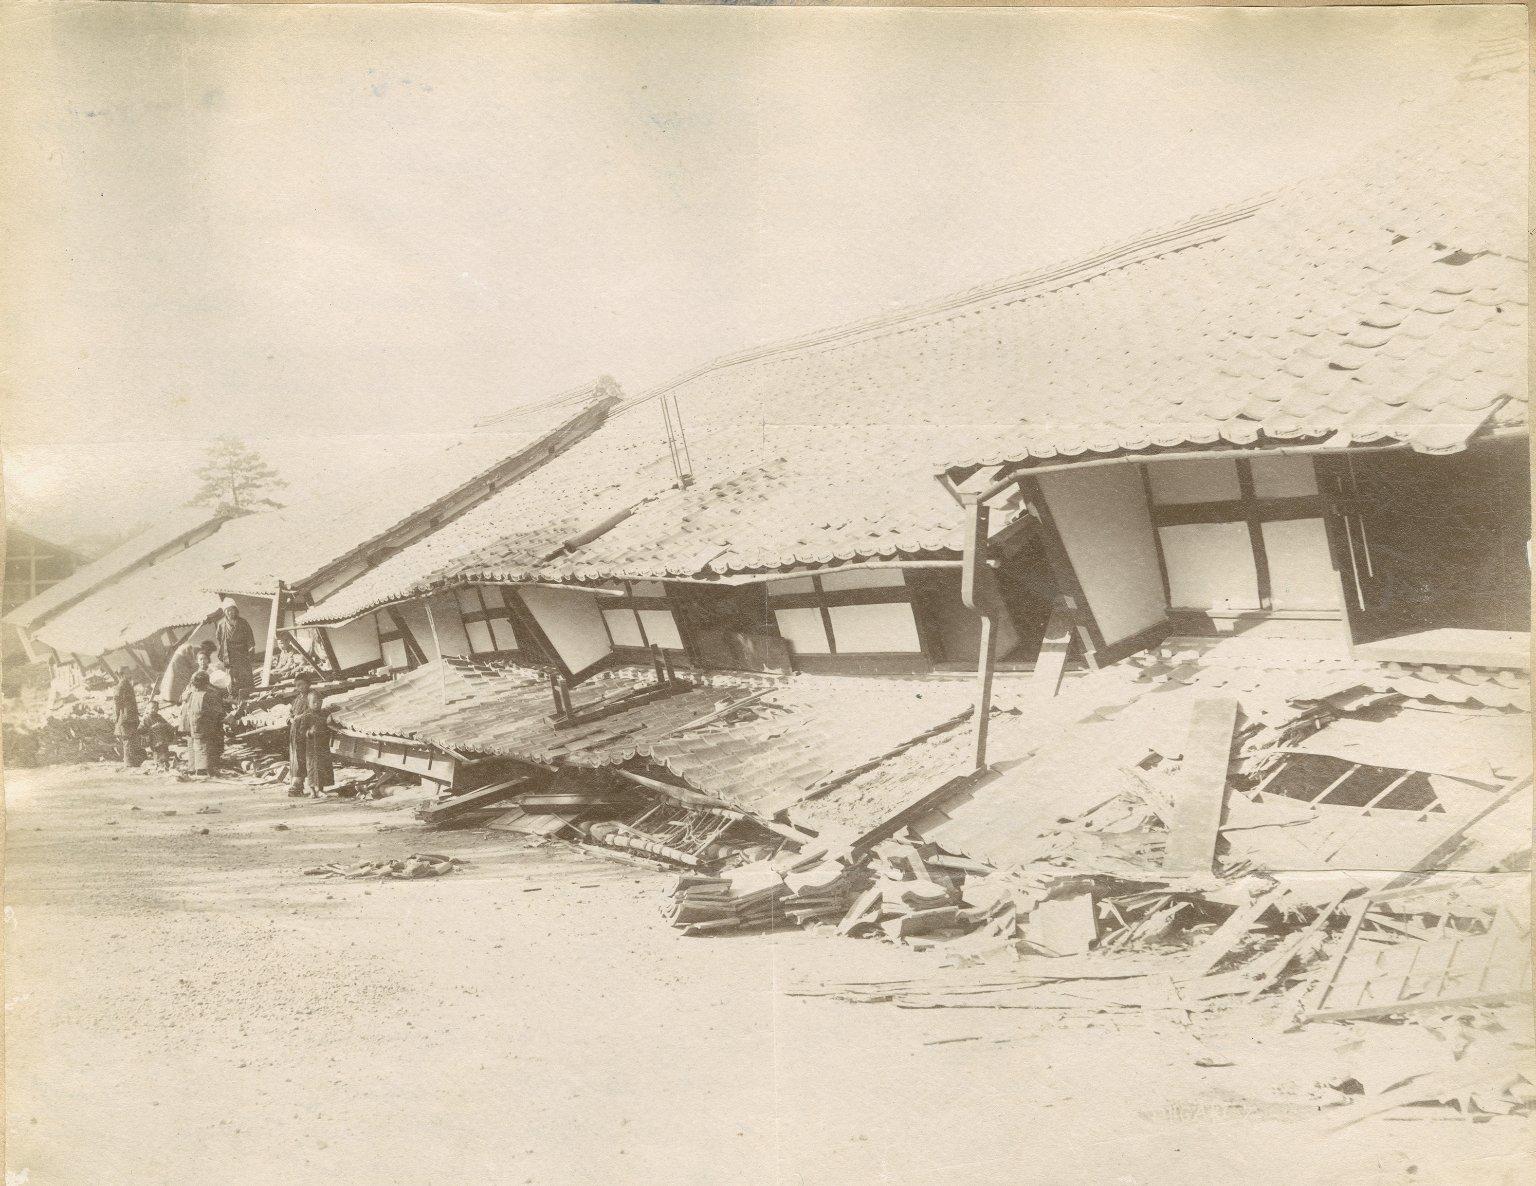 Earthquake at Ogaki